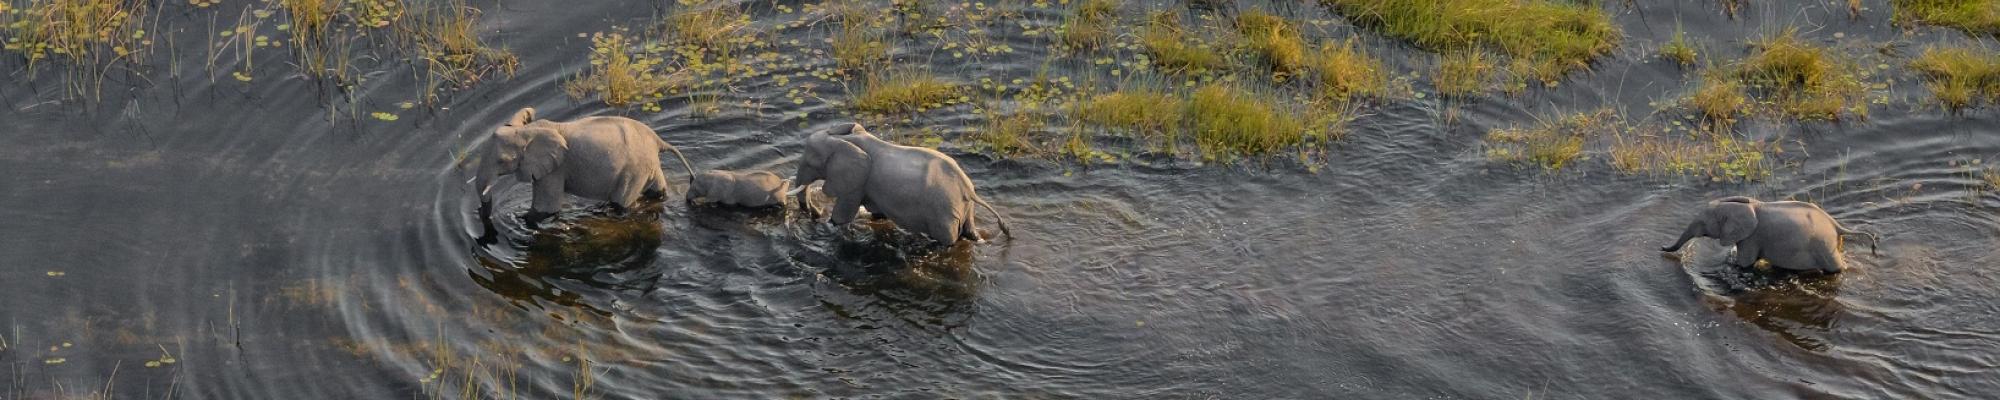 Safari au Botswana - Elephants survolés dans le Delta de l'Okavango